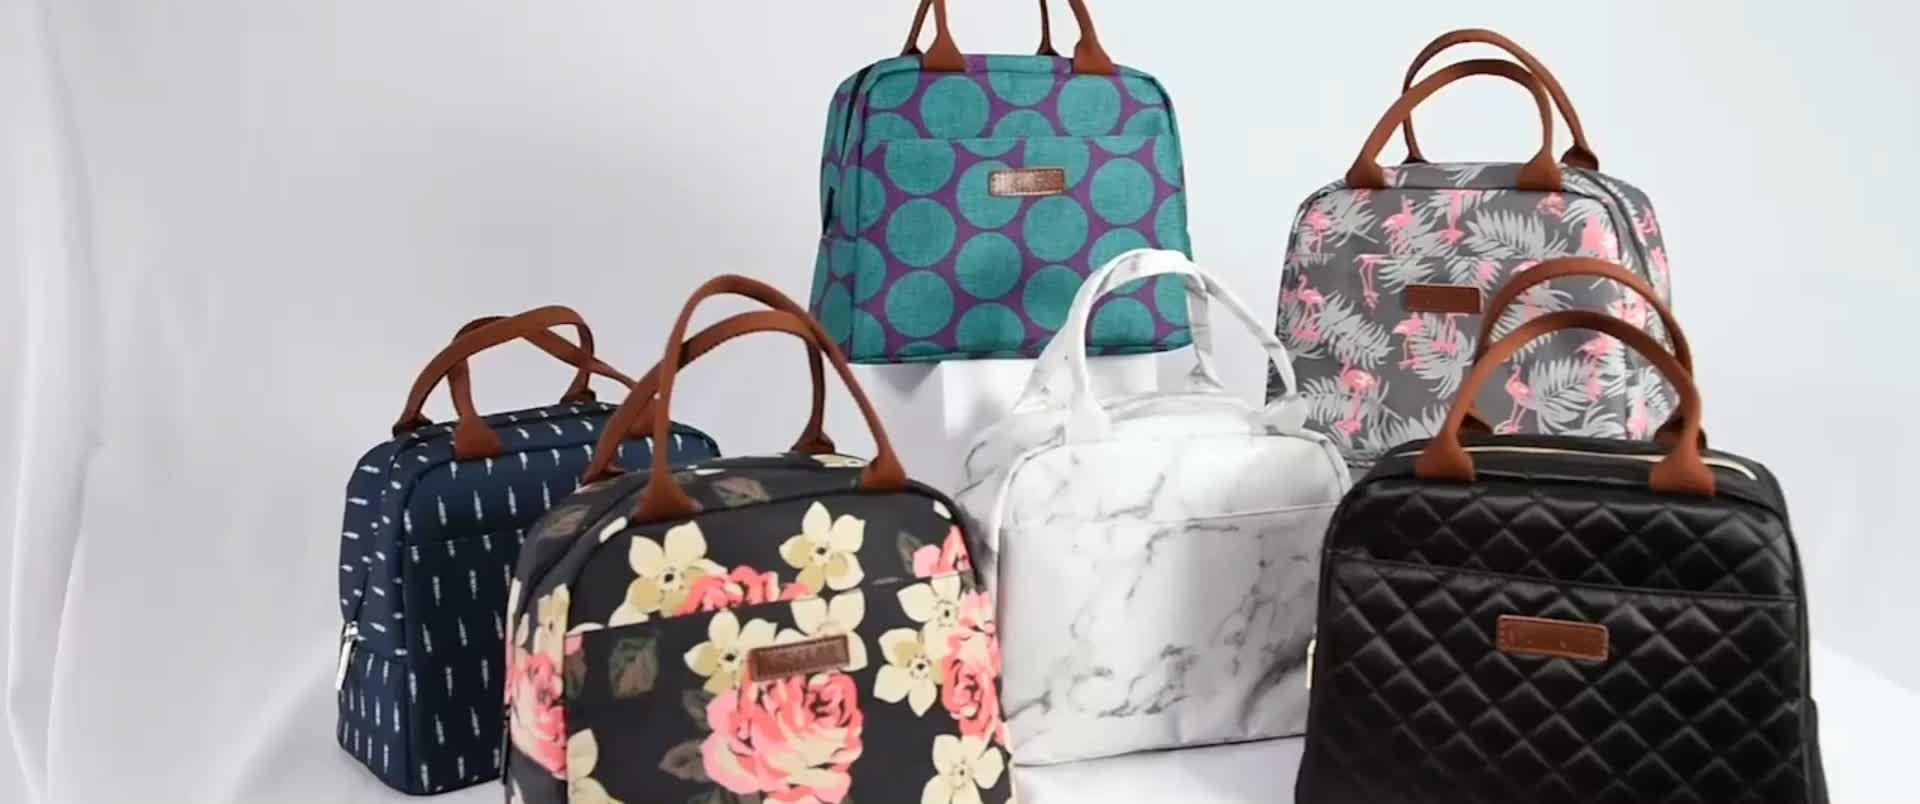 Lokass देवियों निविड़ अंधकार थर्मल अछूता दोपहर के भोजन के कूलर बैग ले जाना के लिए काम